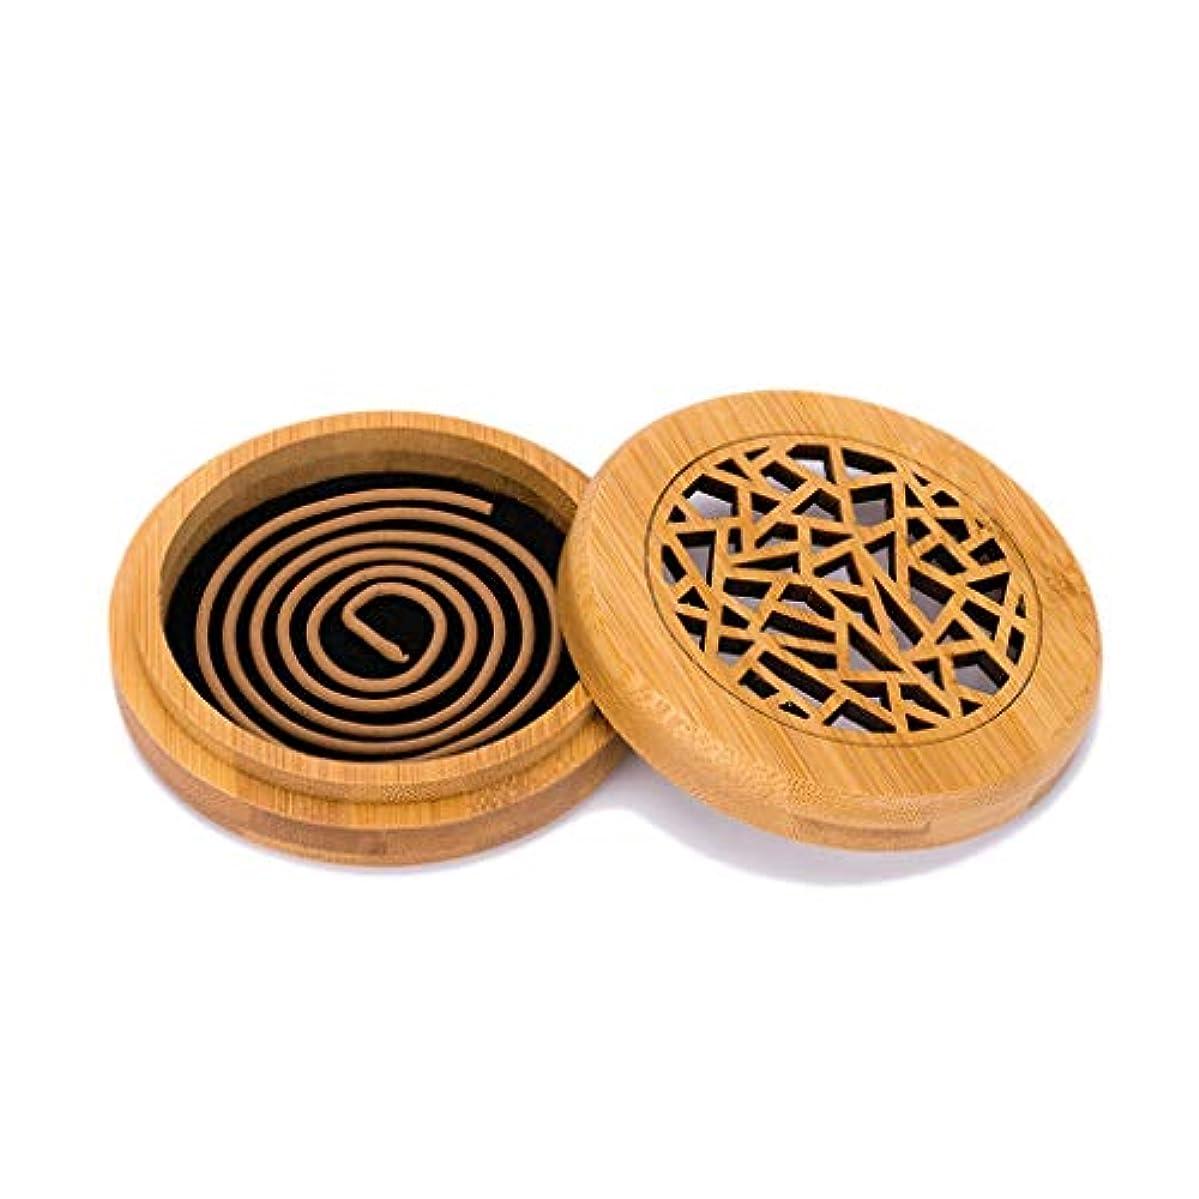 ヒゲクジラ届けるみがきます竹の香バーナーコイルの香バーナー部屋の装飾瞑想竹の香り天然素材香ホルダー (Color : WOOD, サイズ : Round)